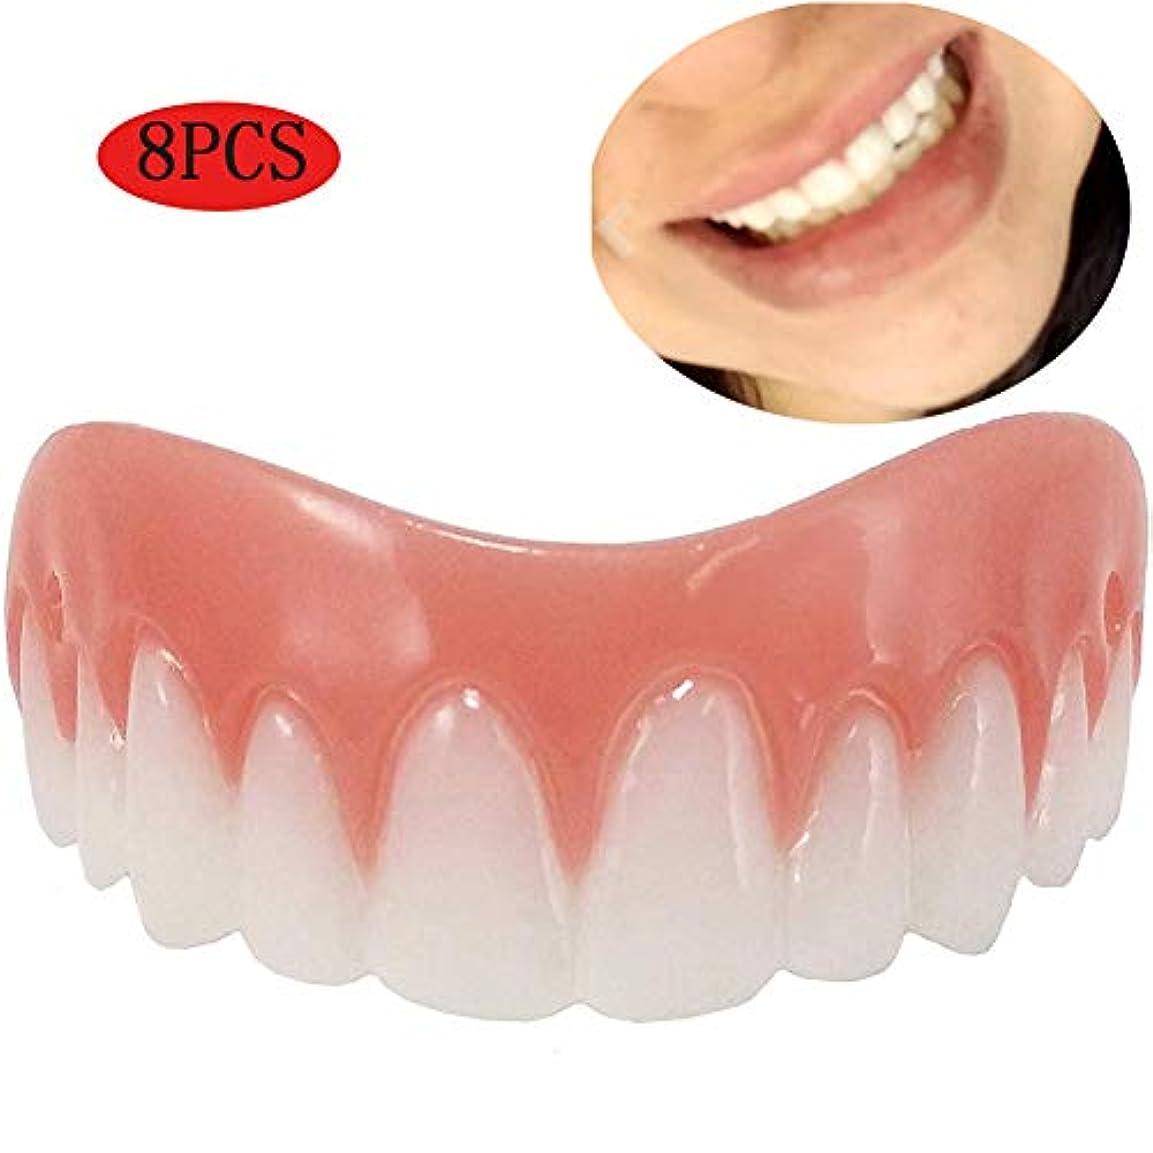 ほとんどないチラチラするスコア化粧歯、インスタントスマイルコンフォートフィットフレックスブライトホワイトシェード、快適なアッパーベニヤ、1サイズが最もフィット